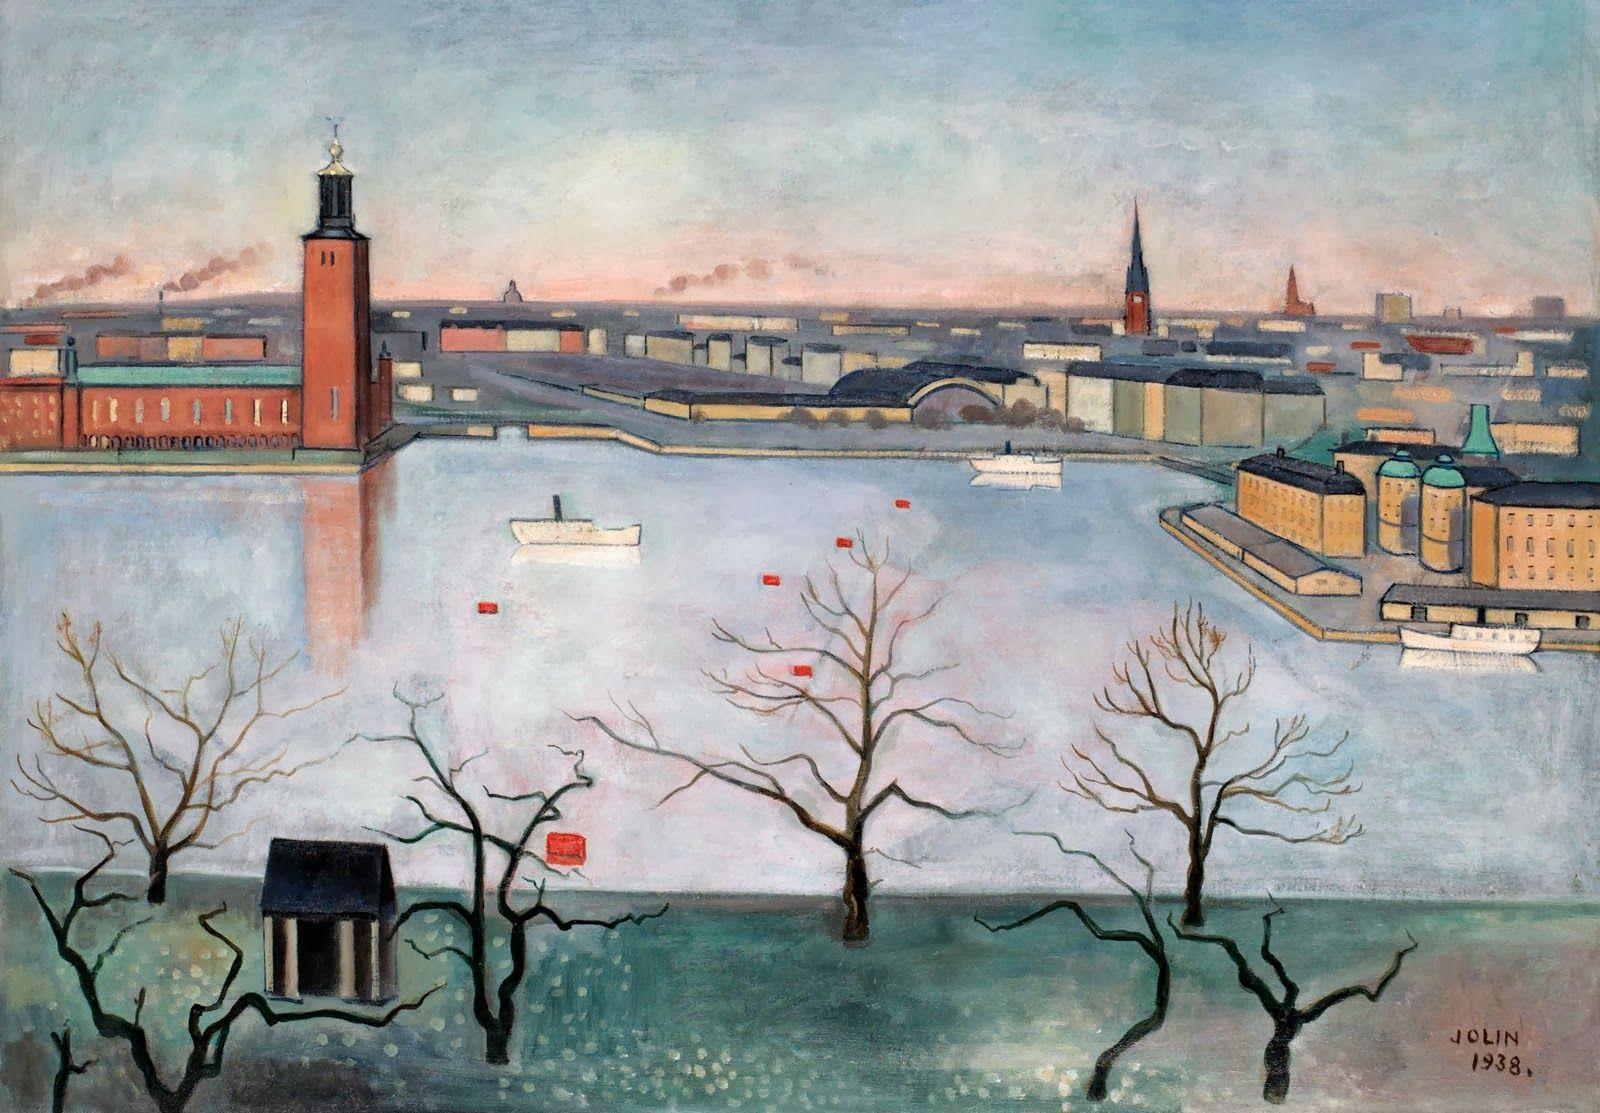 Einar Jolin Stockholm Fran Soder Ii 1938 Scandinavian Art Art And Architecture Cool Artwork